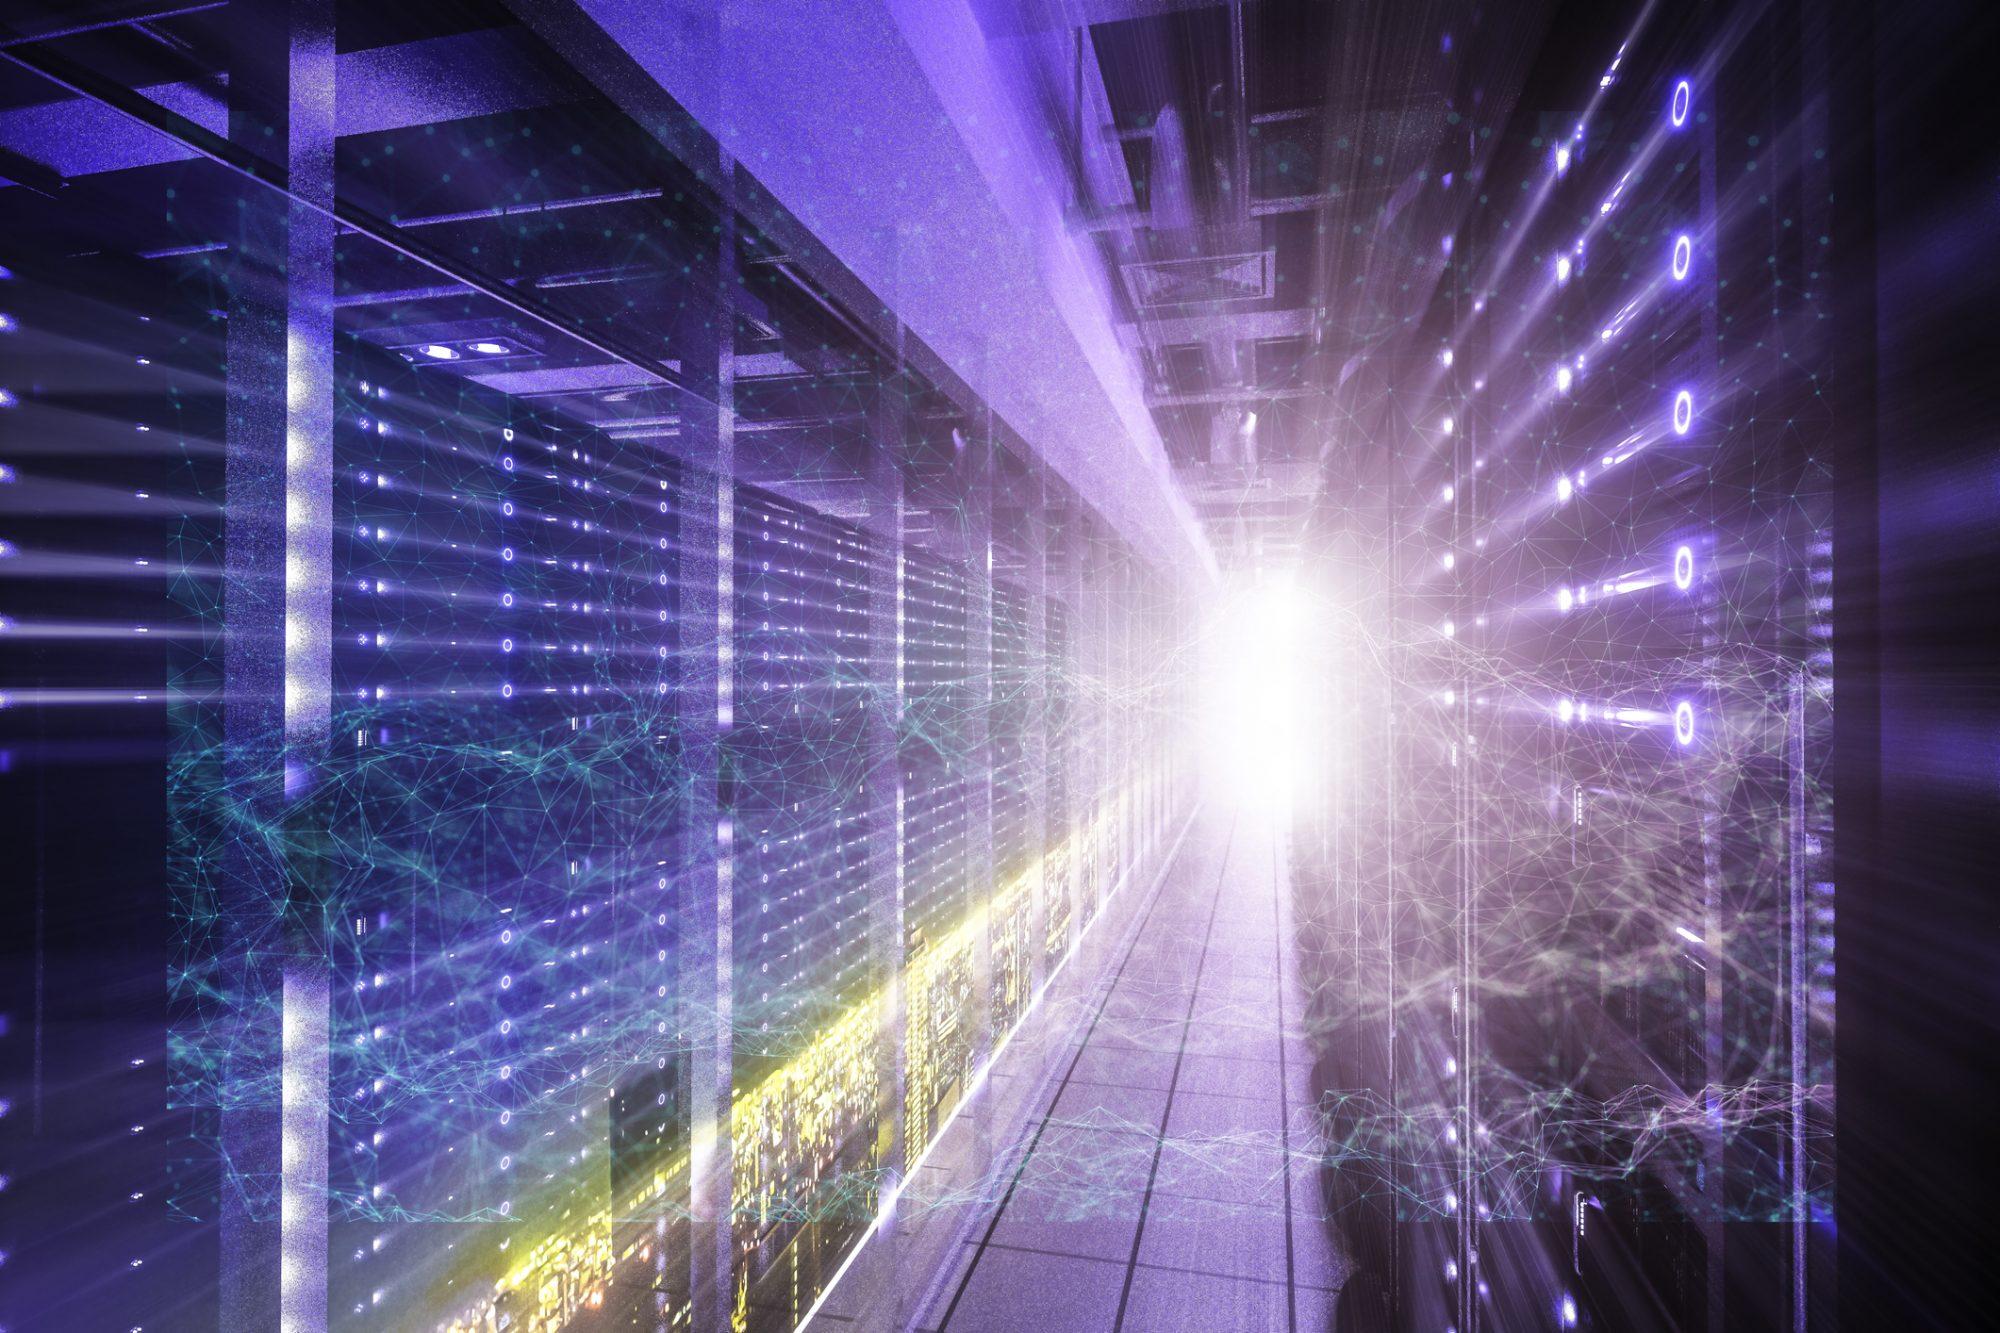 Servernetzwerk Digital Assets: Dienstleistungen in der Schweiz